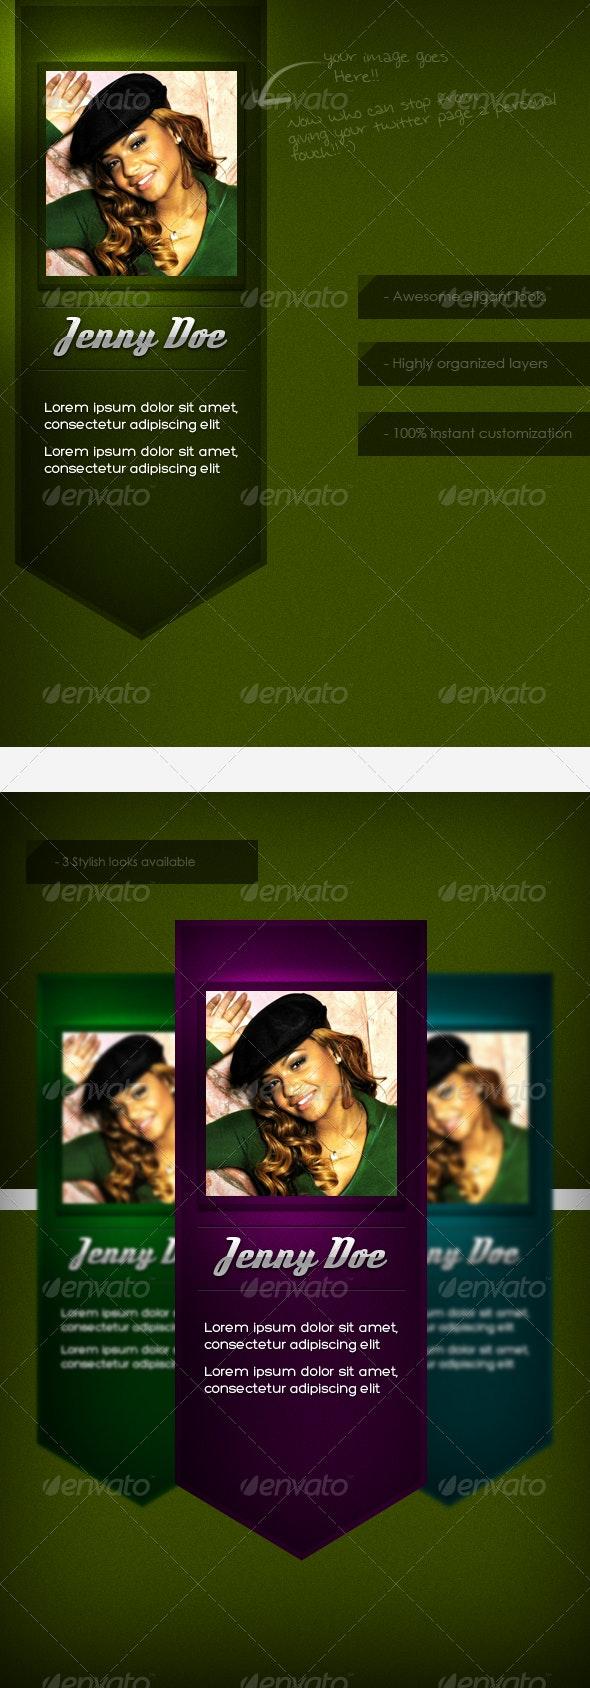 Retro Twitter Background - Twitter Social Media